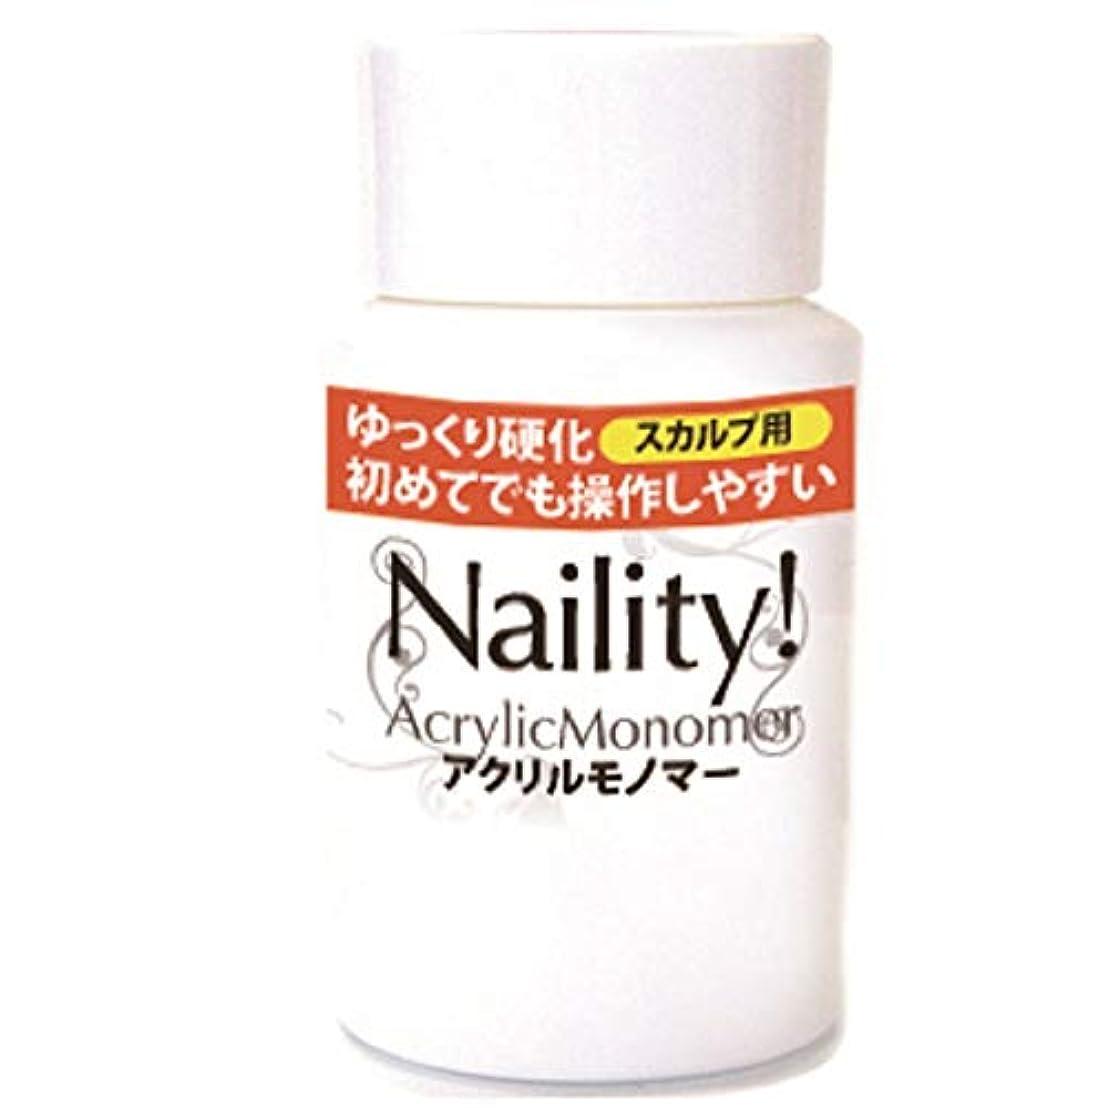 罰オークランドに賛成Naility! アクリルモノマー 50mL